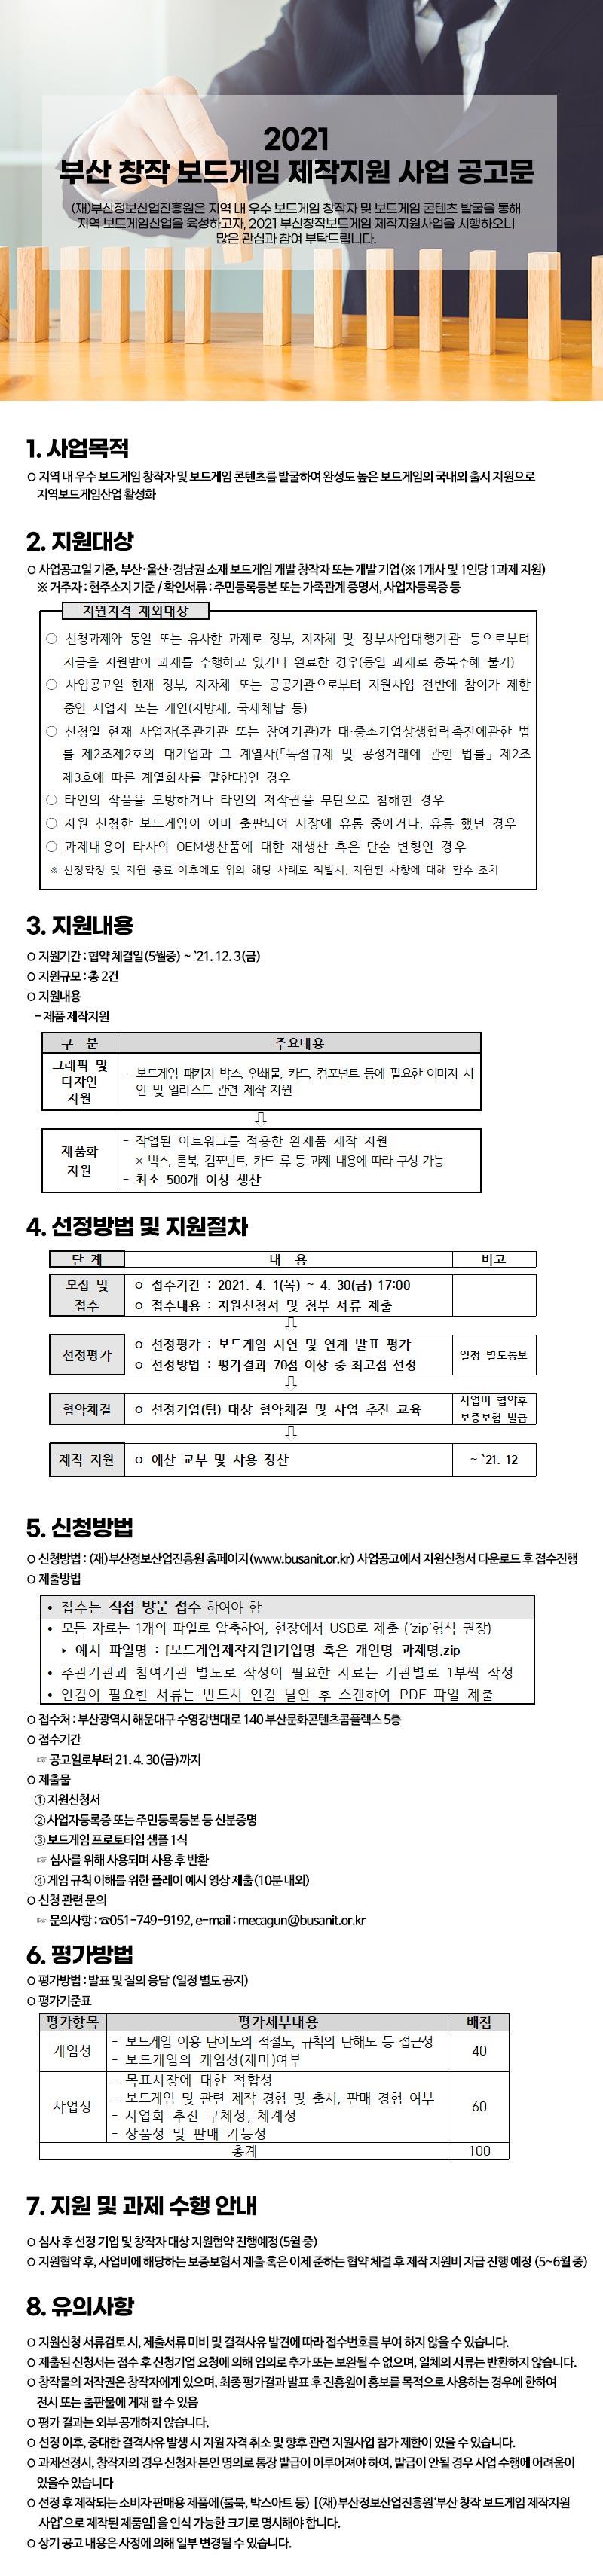 2021 부산 창작 보드게임 제작지원 사업공고